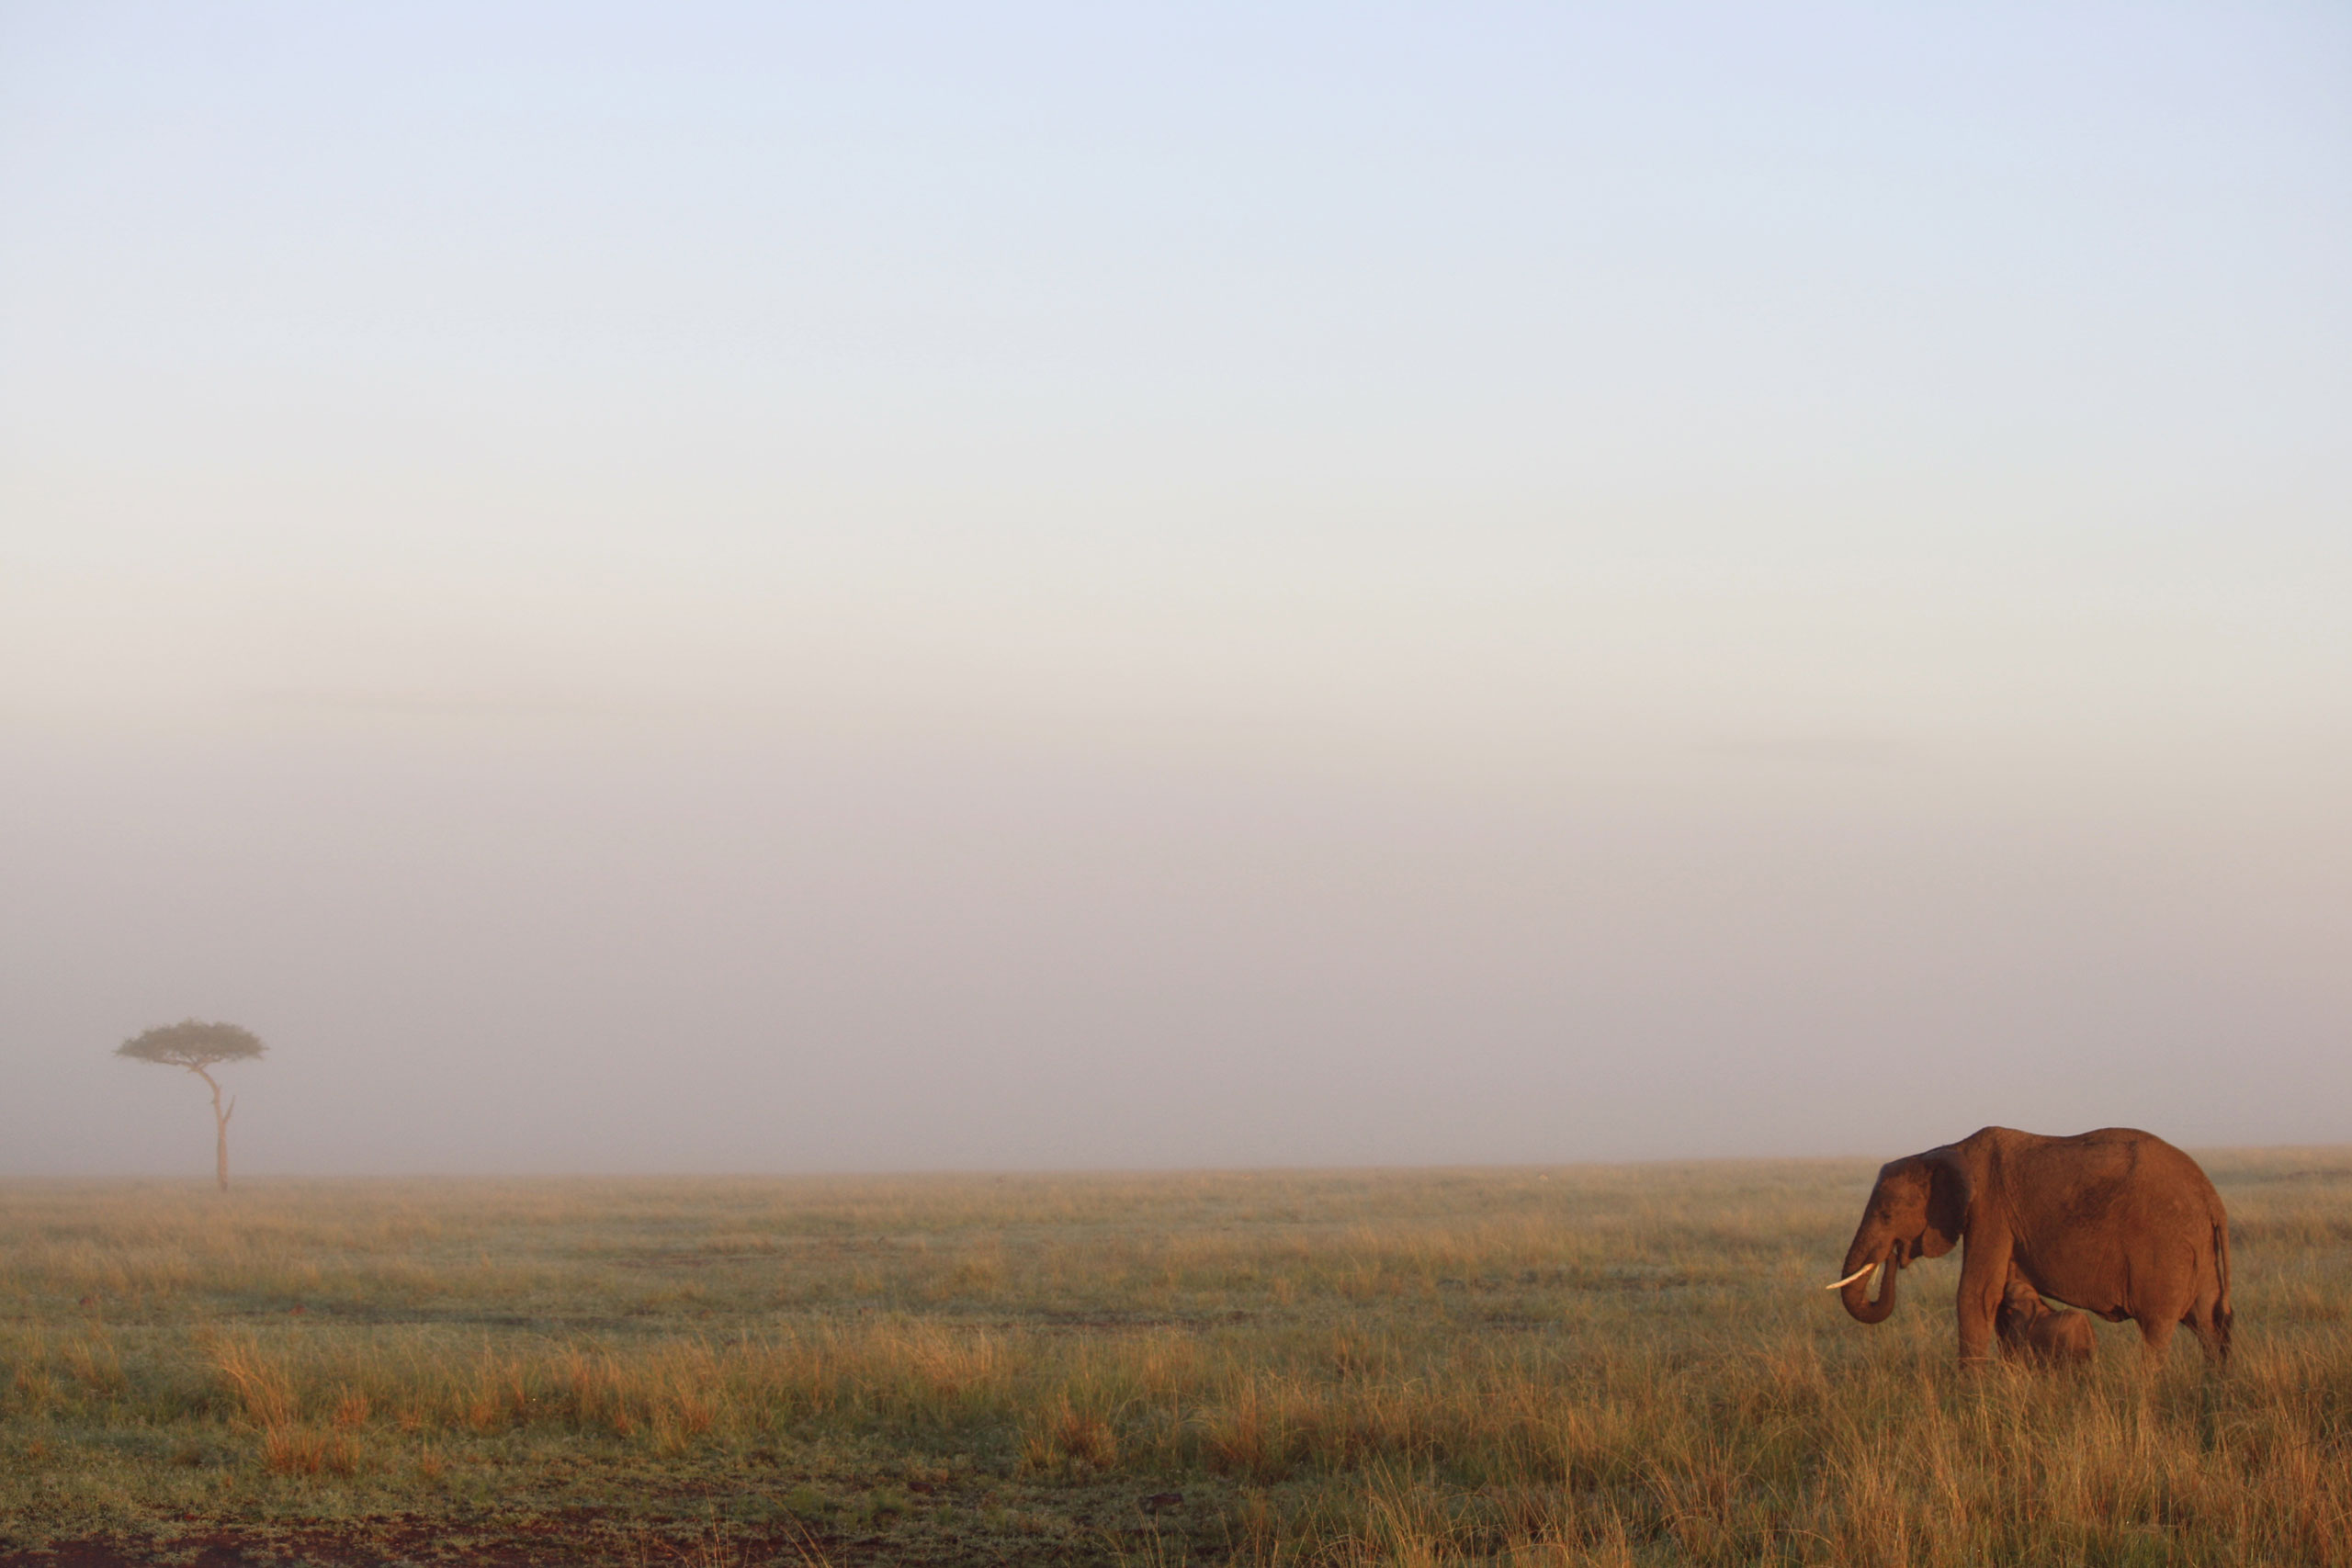 safari estación lluvias enkosi africa masai mara kenya elephant landscape acacia